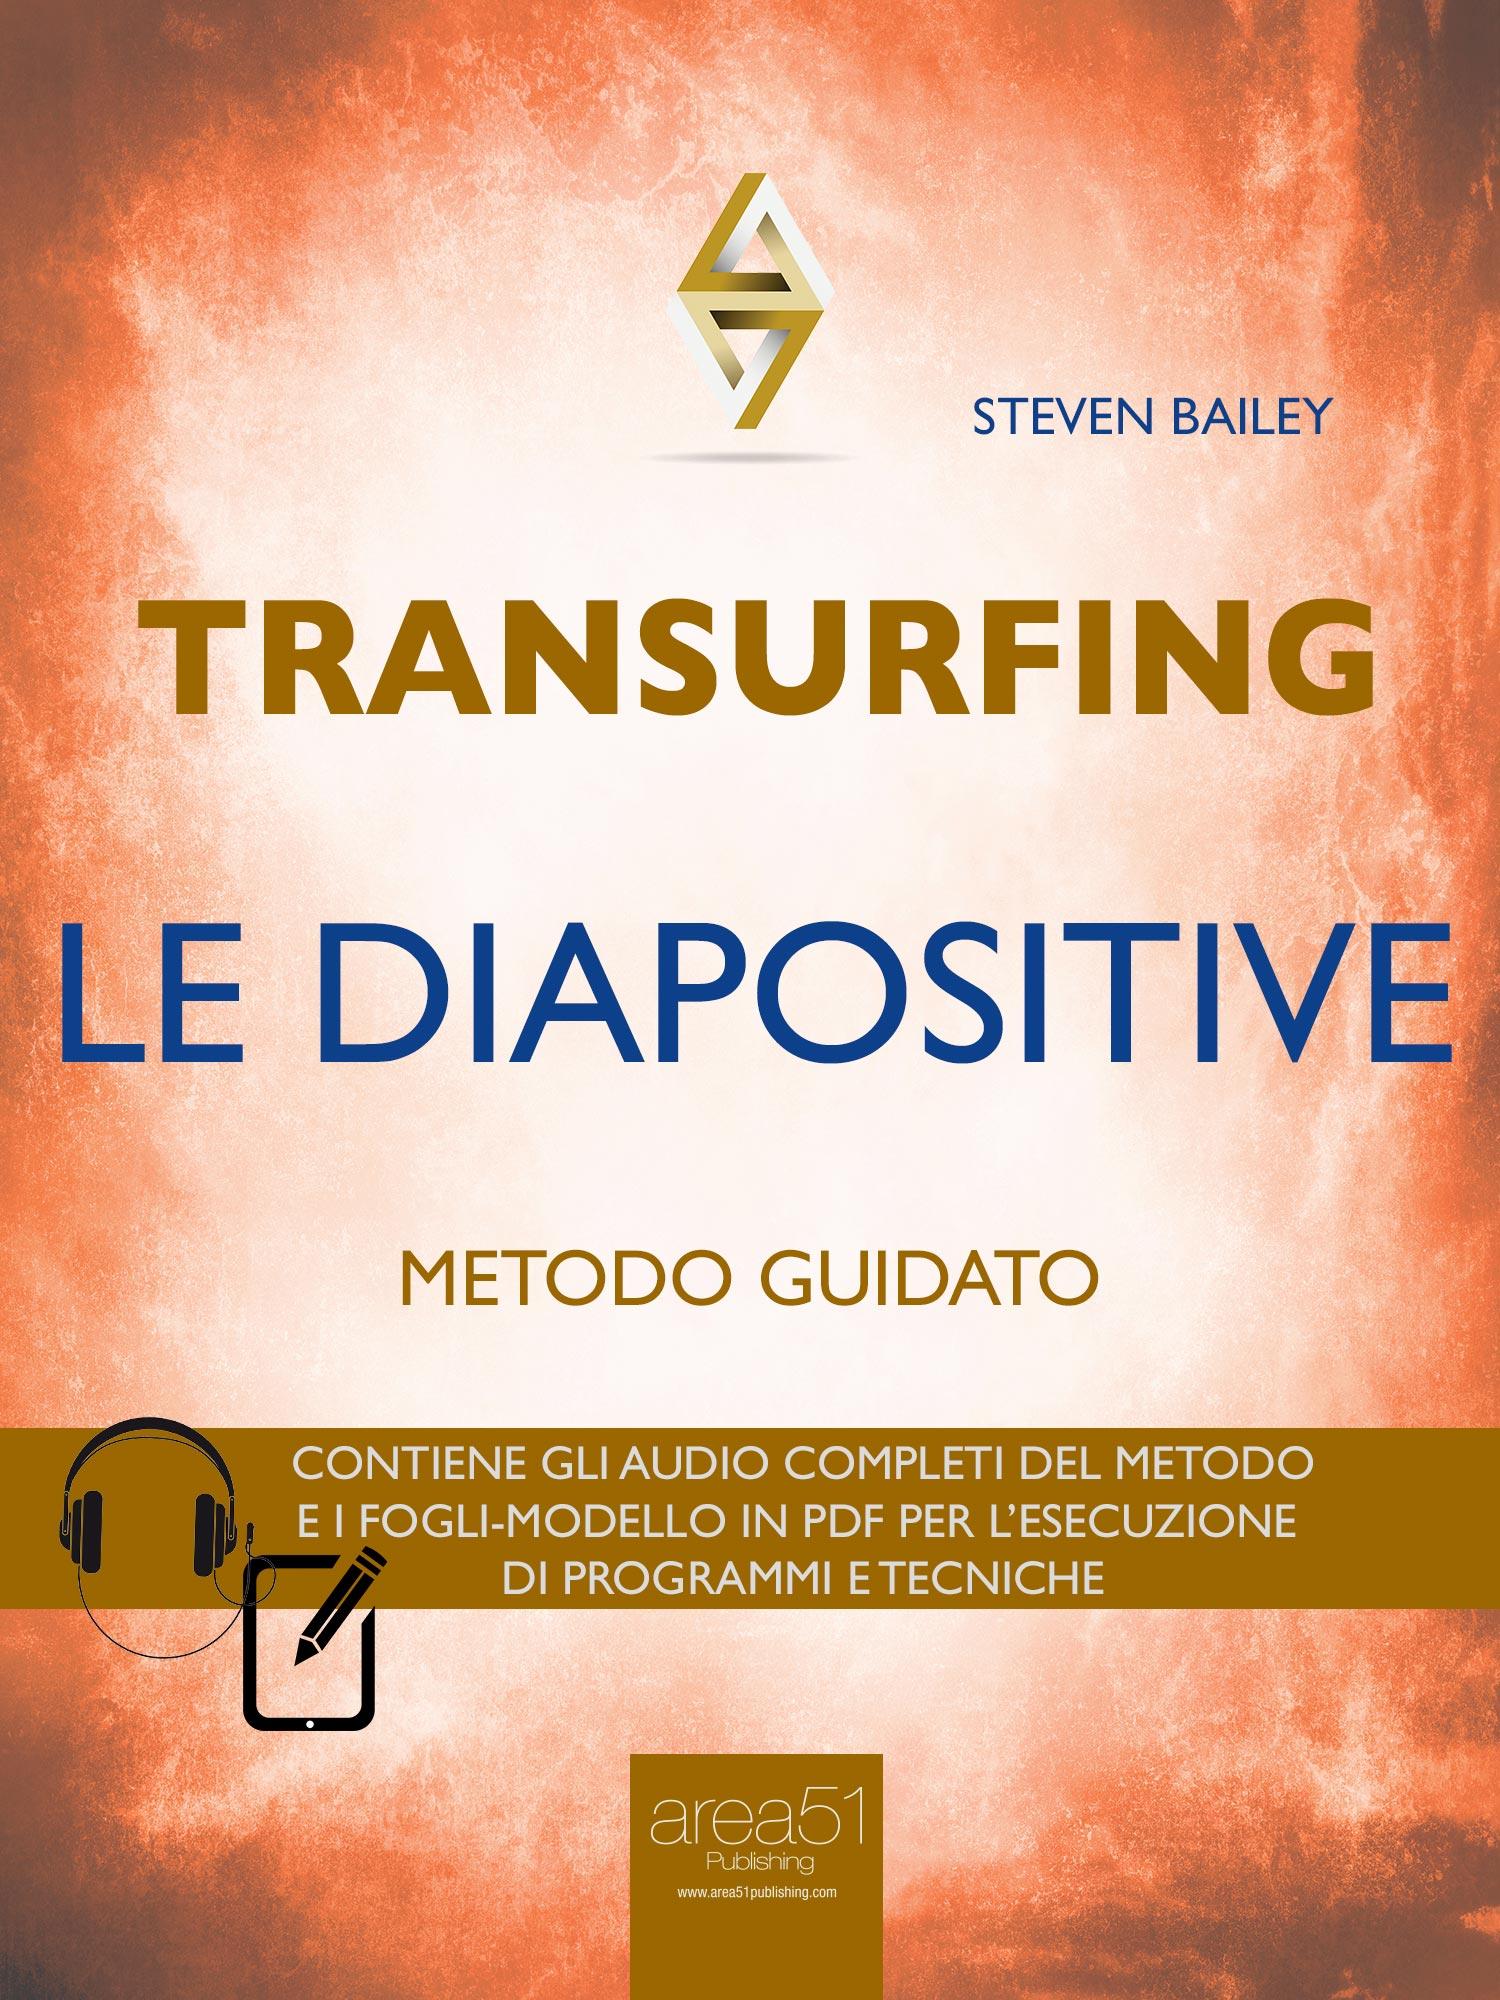 Transurfing. Le diapositive-0